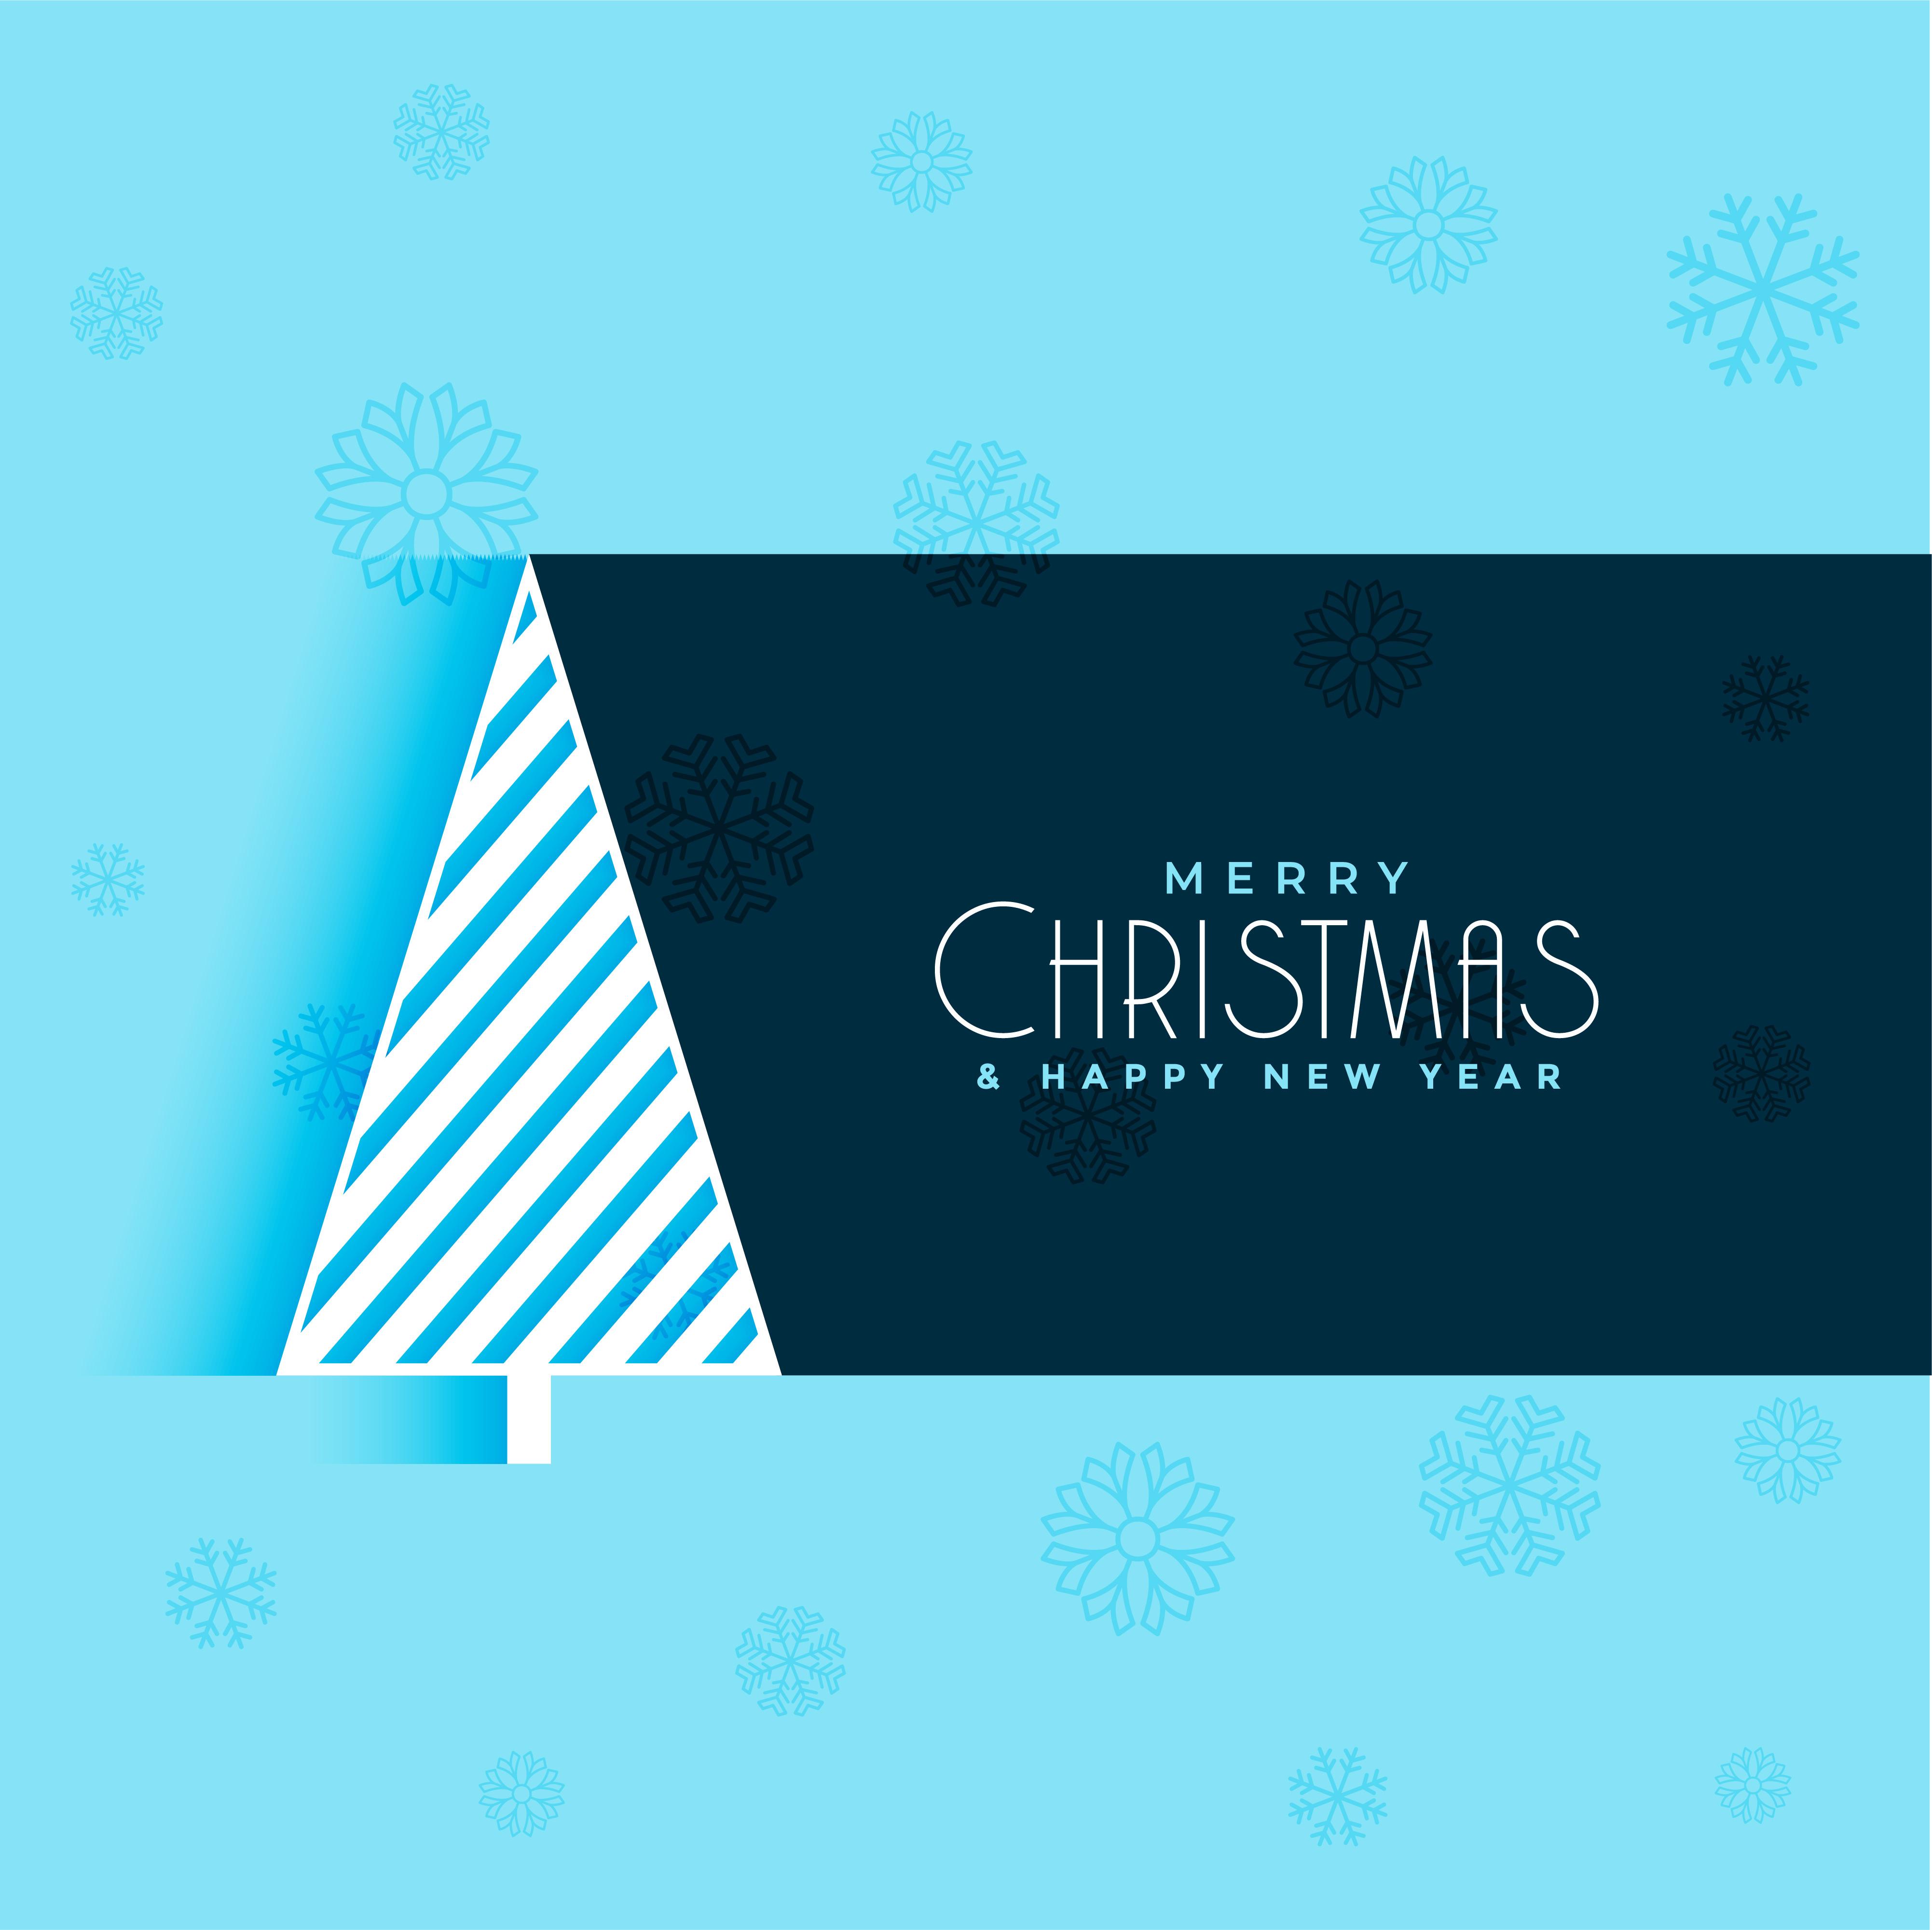 Kreativer Weihnachtsbaum-Design-blauer Hintergrund - Kostenlose ...